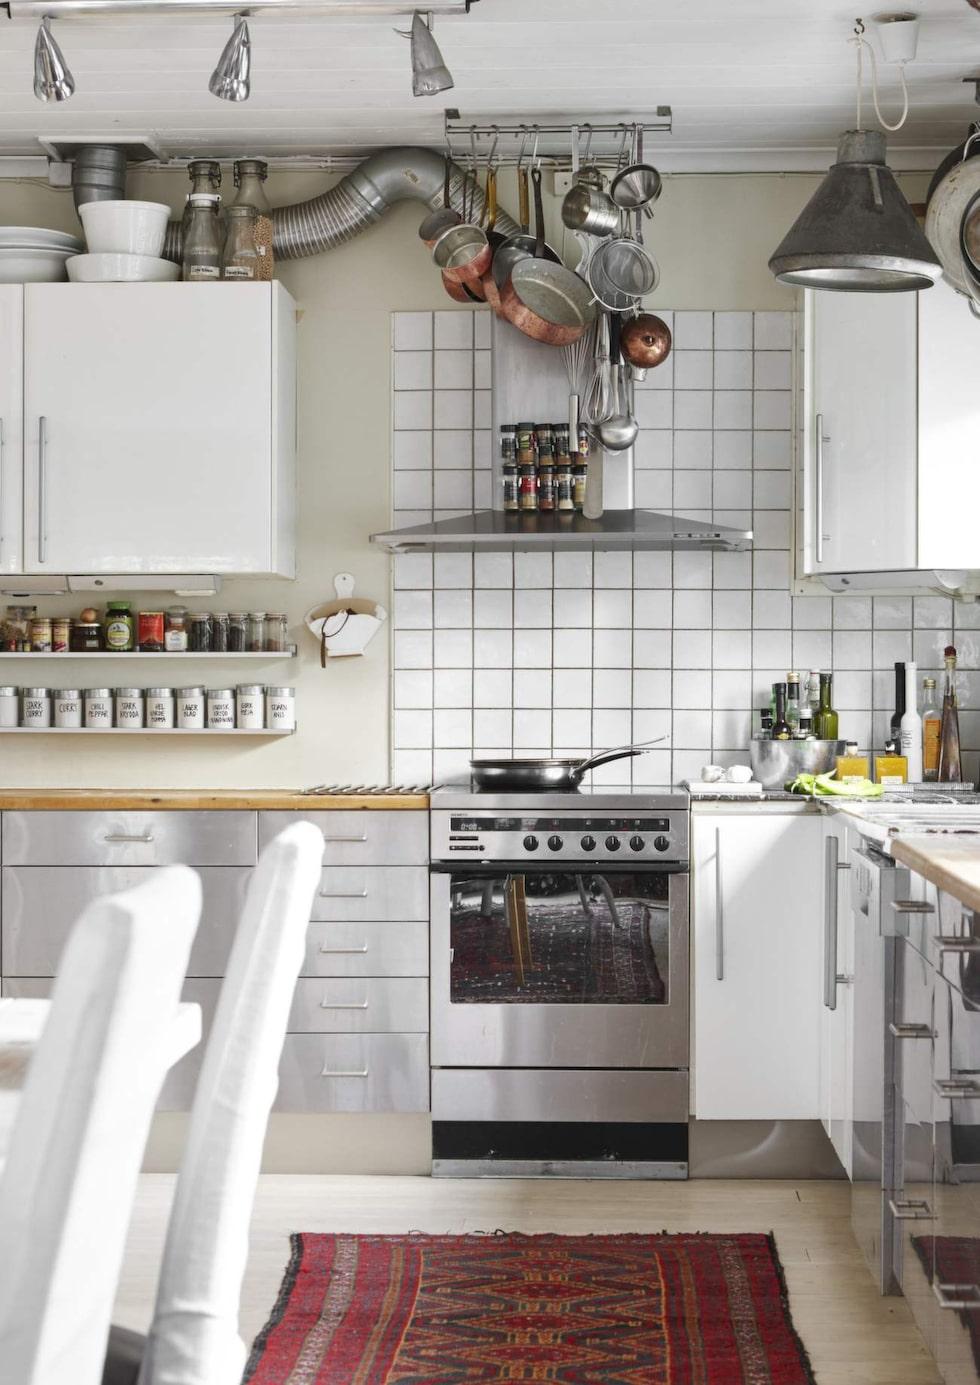 Kökets inredning är en mix av rostfritt och högblankt vitt tillsammans med en äkta matta, redskap i taket och rör som går utanpå väggen, precis så som Karin och René vill ha det.